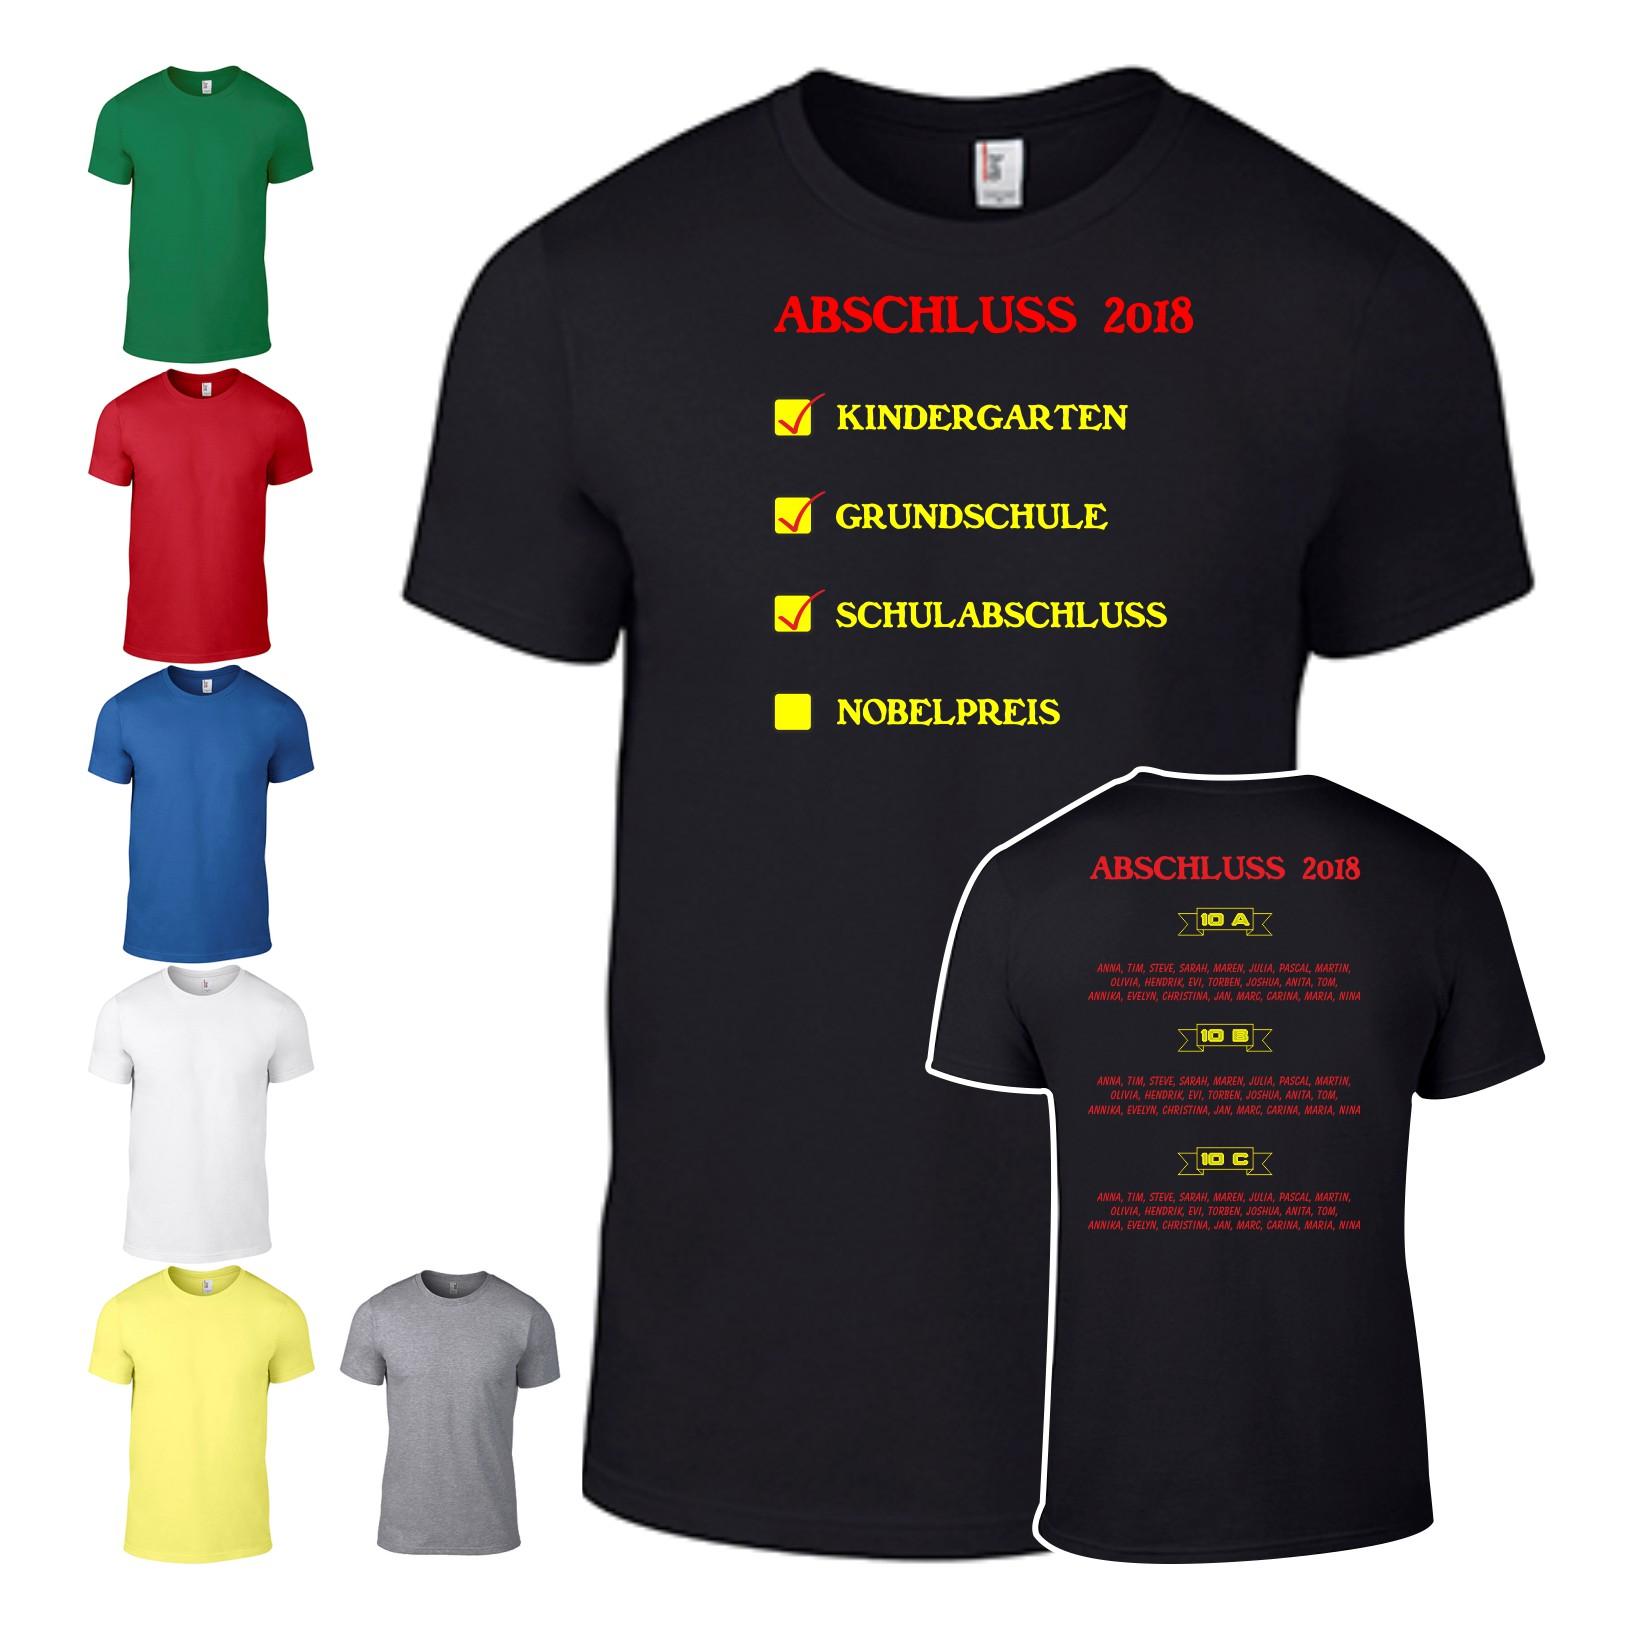 Abschluss Shirt Abschlussshirt T Shirt Abi Schule Mit Allen Namen